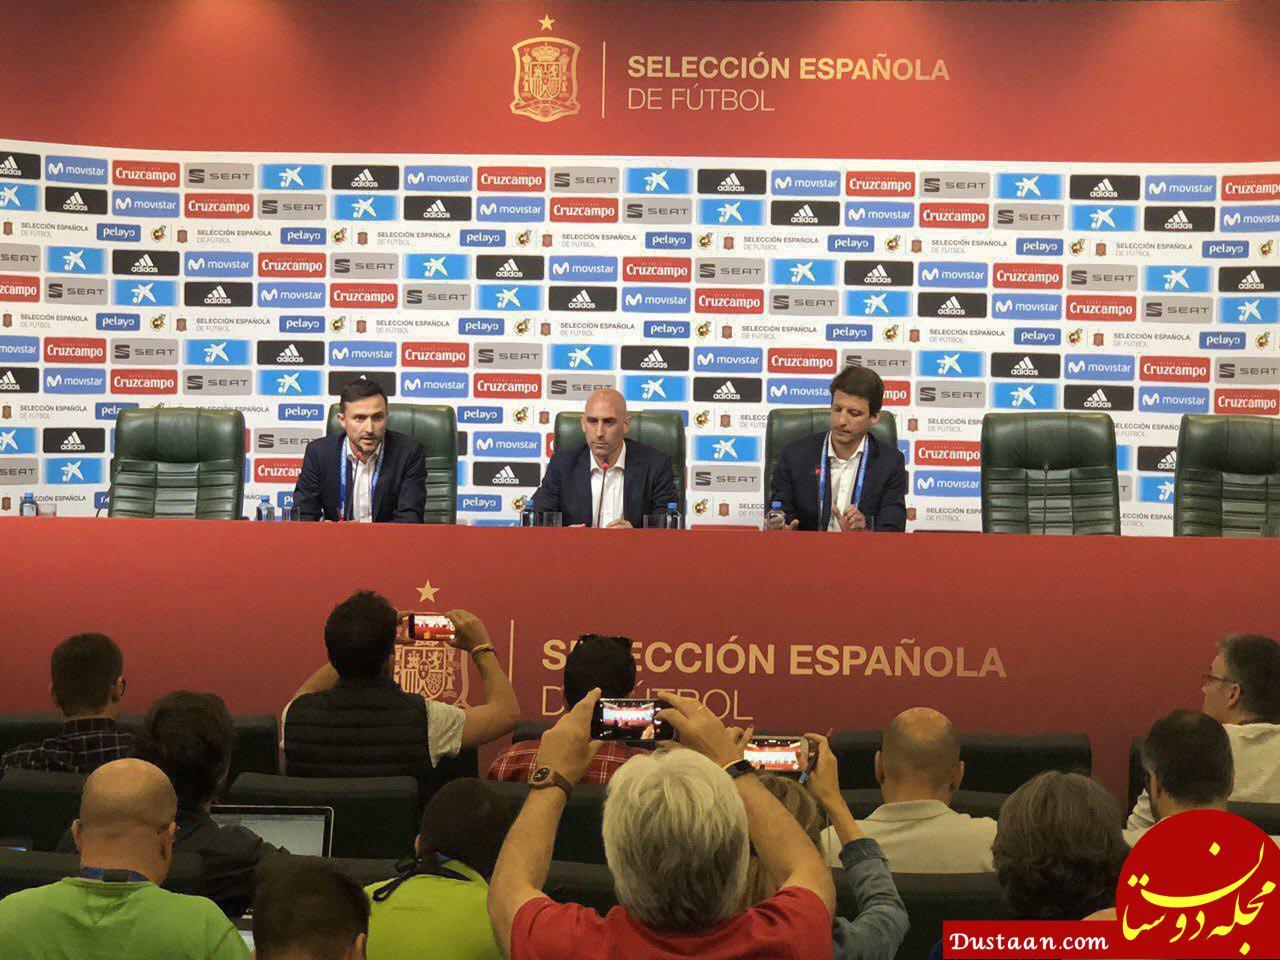 www.dustaan.com رئیس فدراسیون اسپانیا : ما مجبوریم که با لوپتگی خداخافظى کنیم!